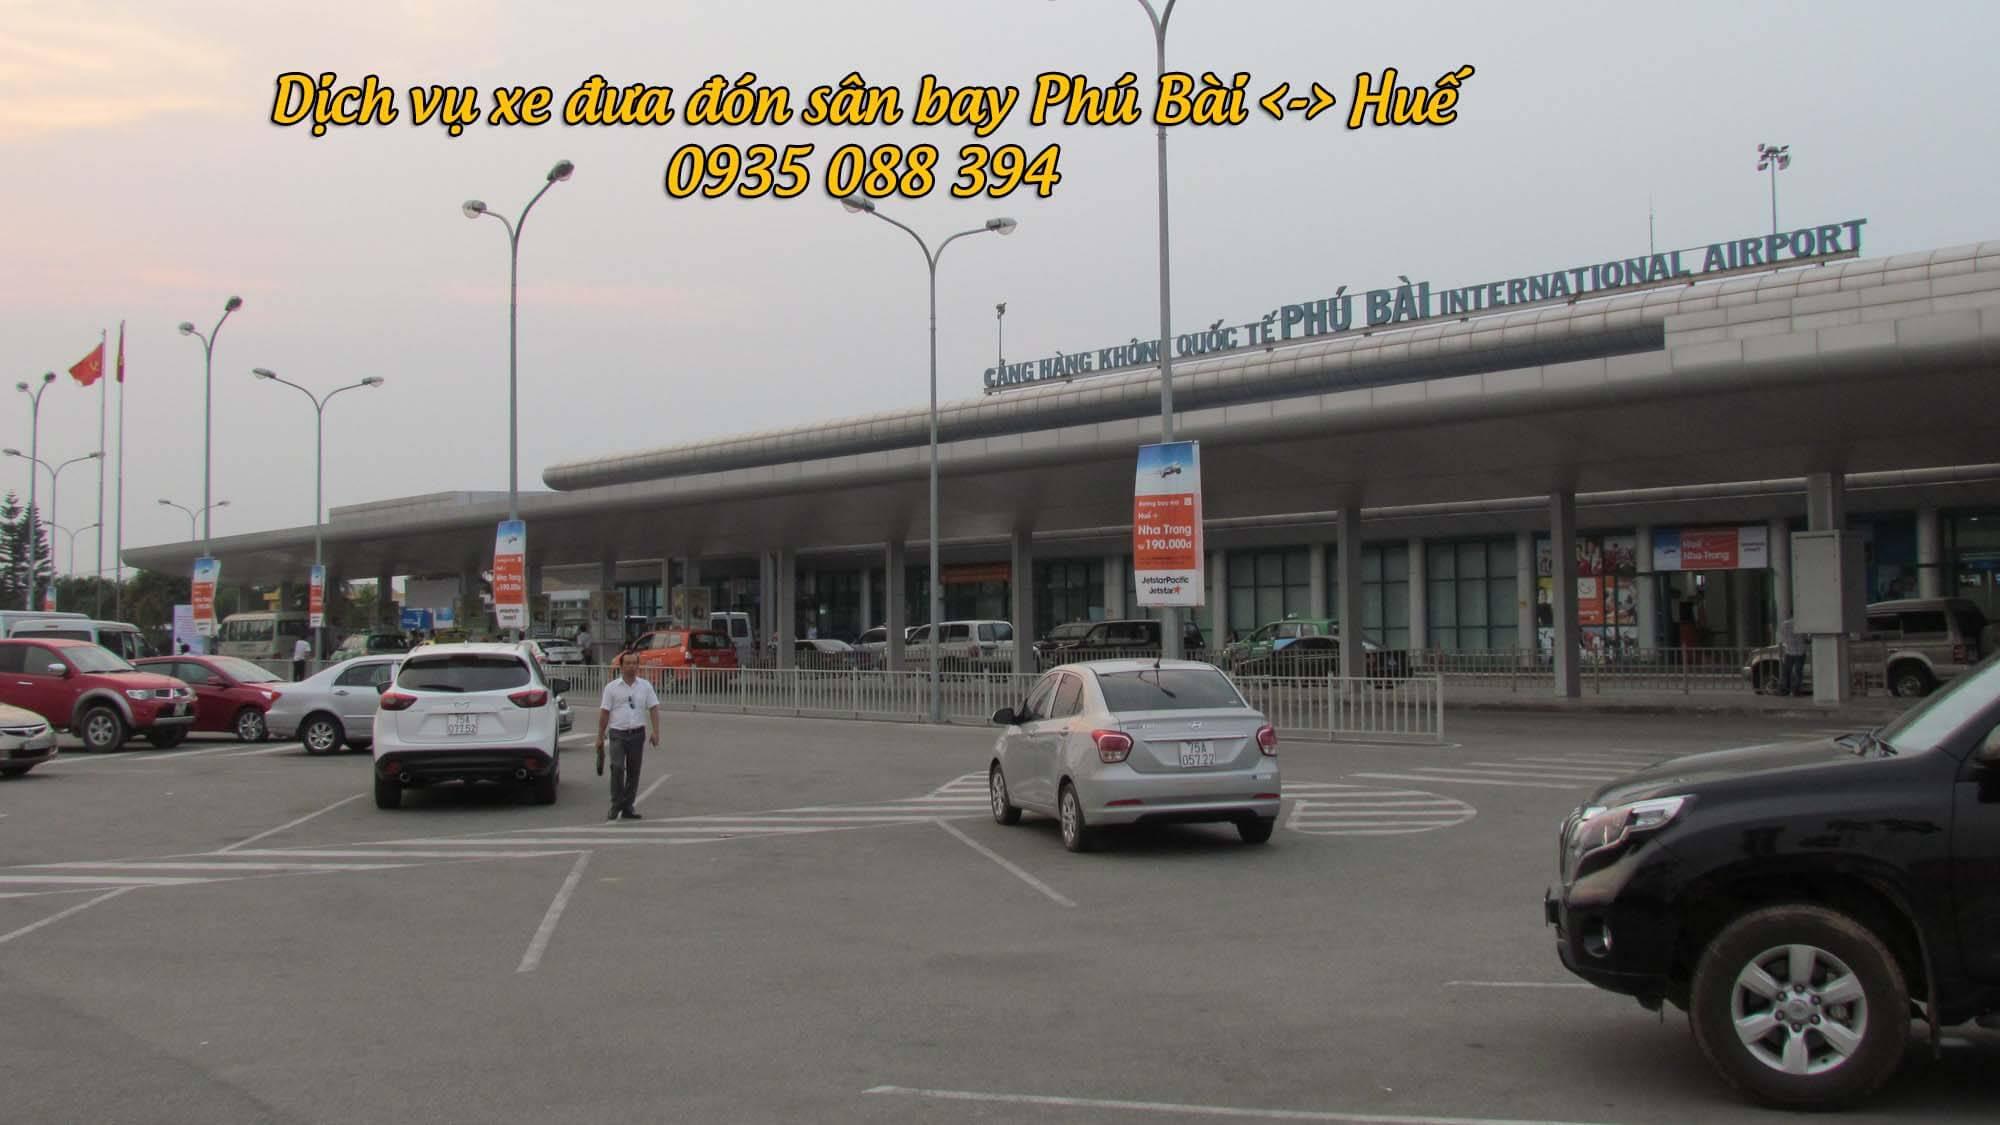 xe đưa đón sân bay Huế, xe đưa đón sân bay Phú Bài